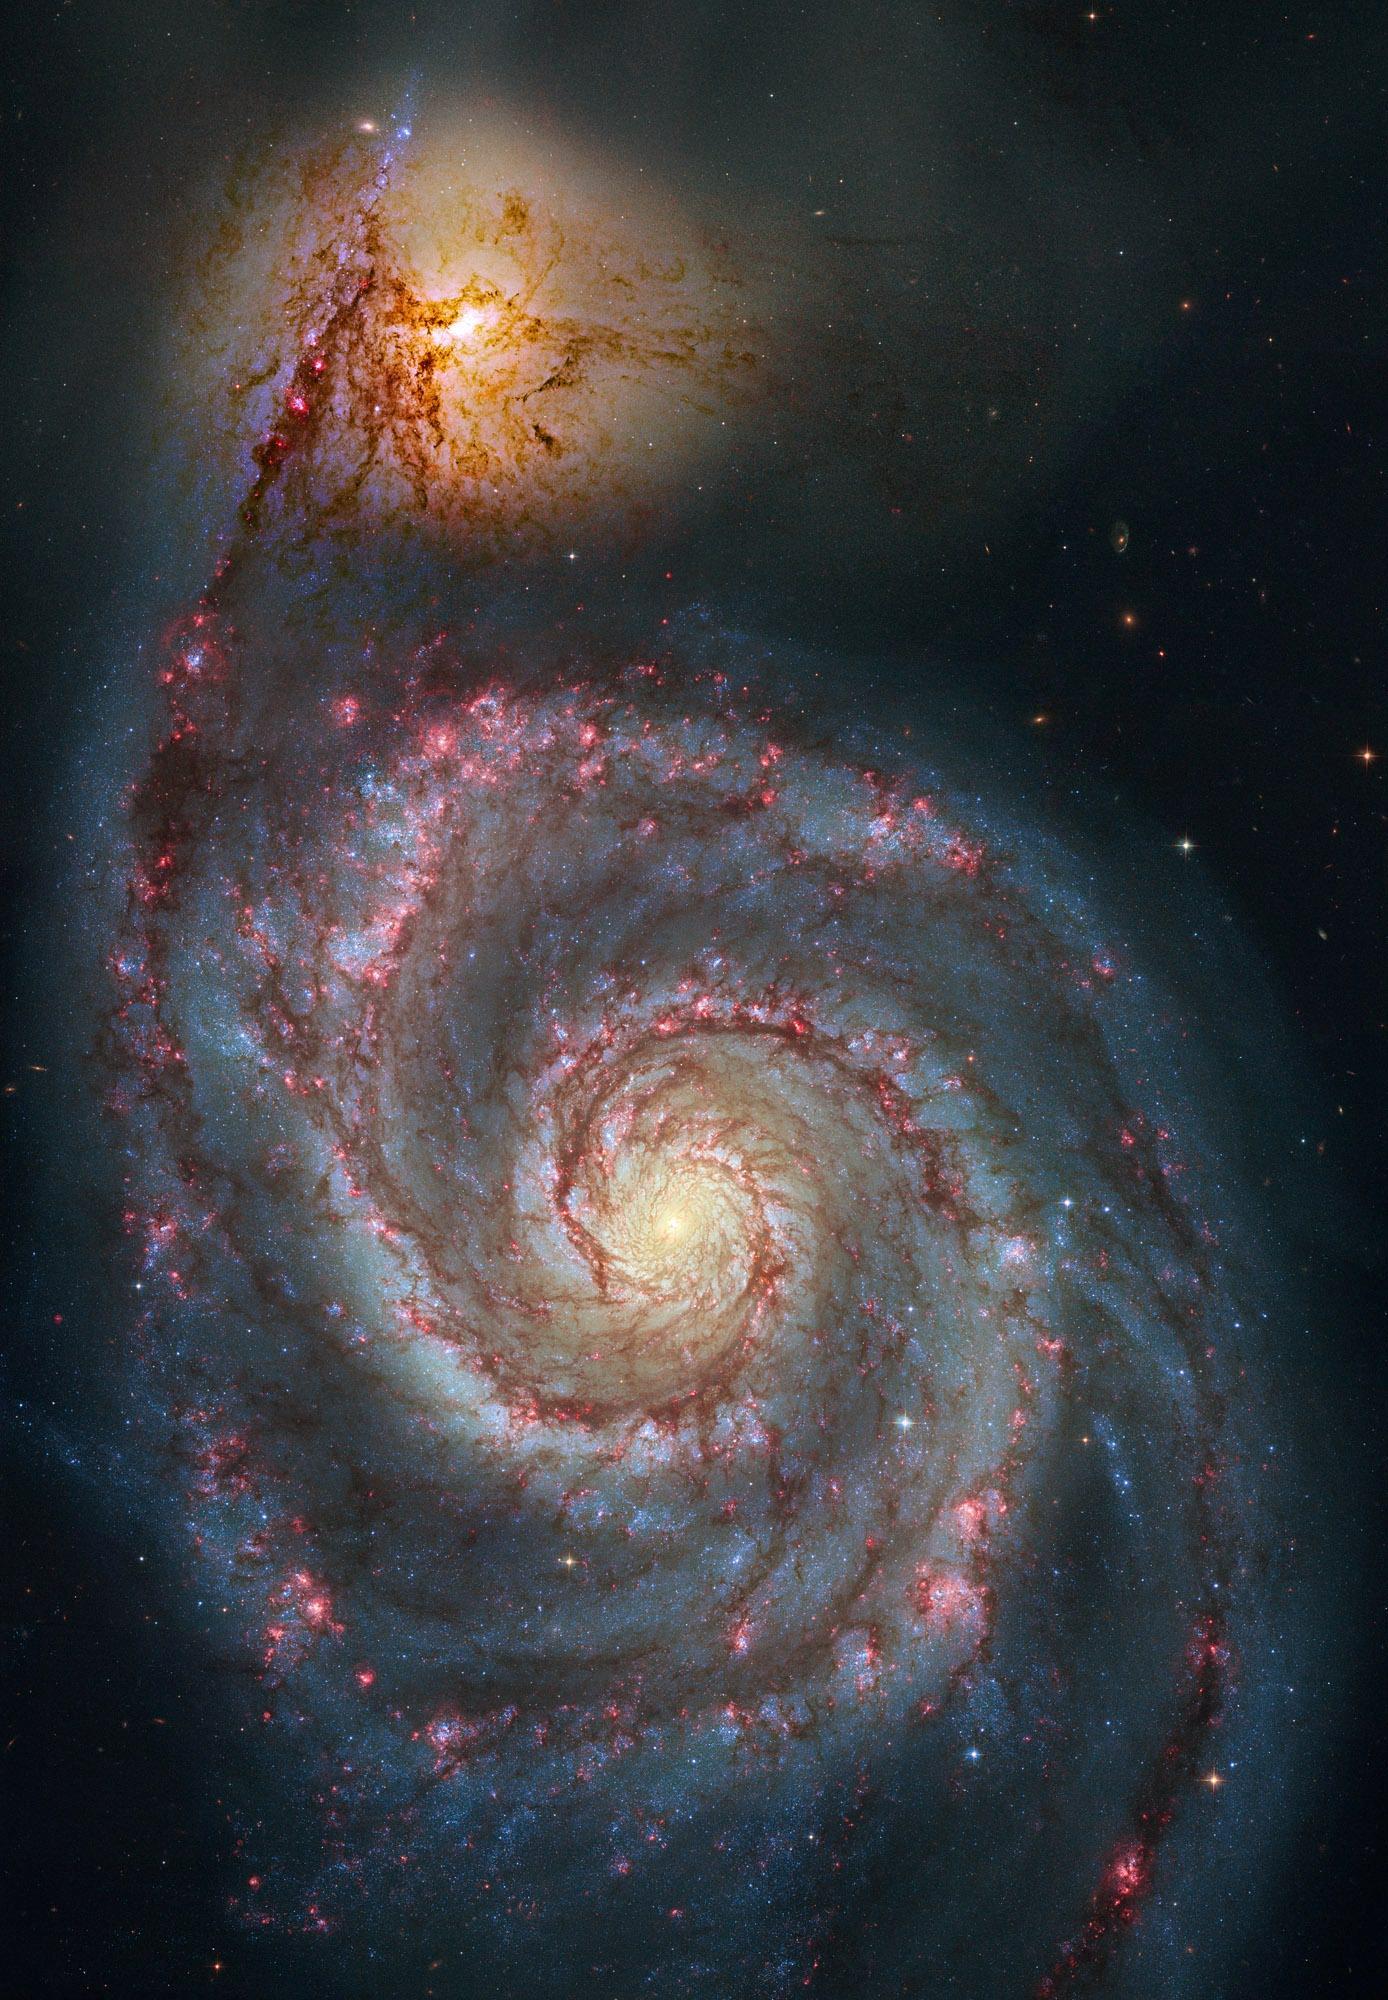 綺麗な銀河・星雲(12) - りょう...